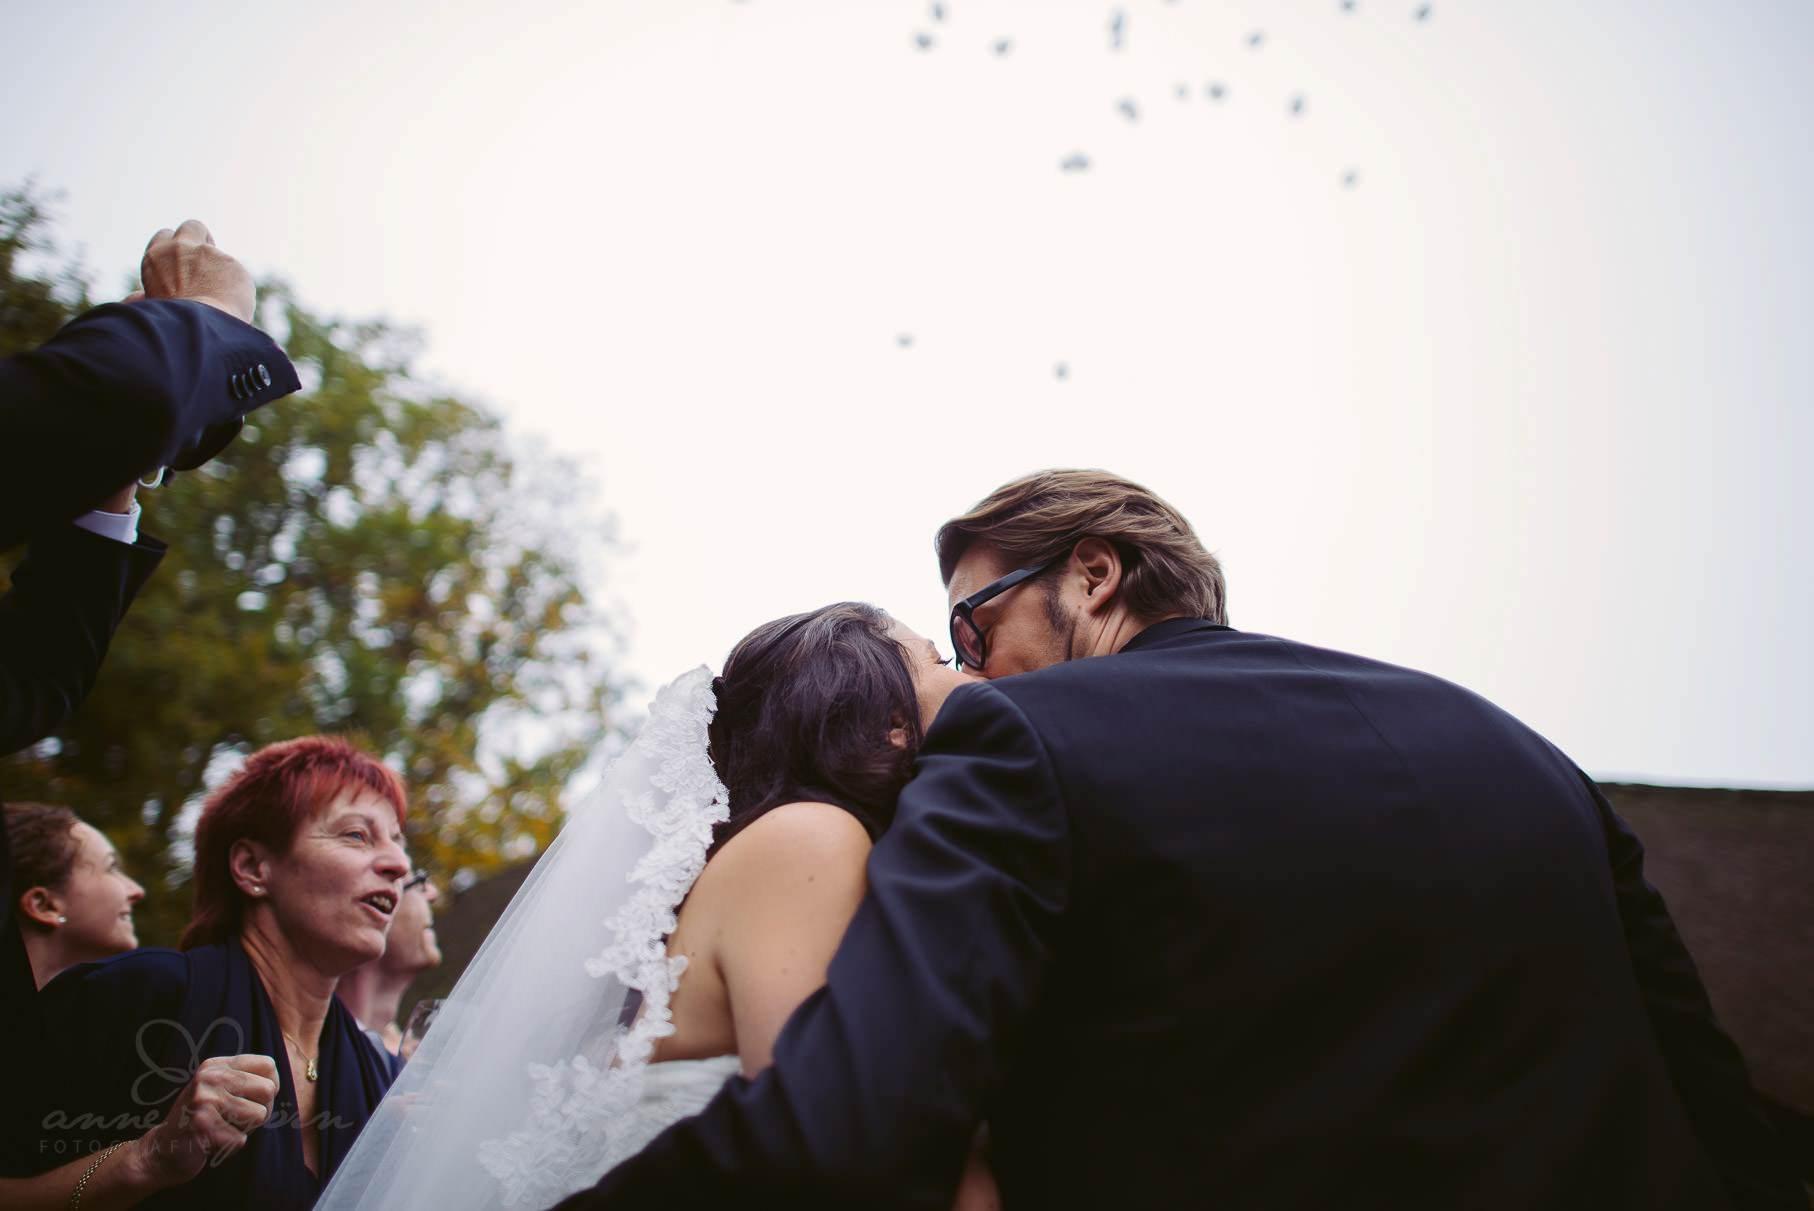 0087 aub 812 9805 - Hochzeit auf Gut Thansen - Anja & Björn